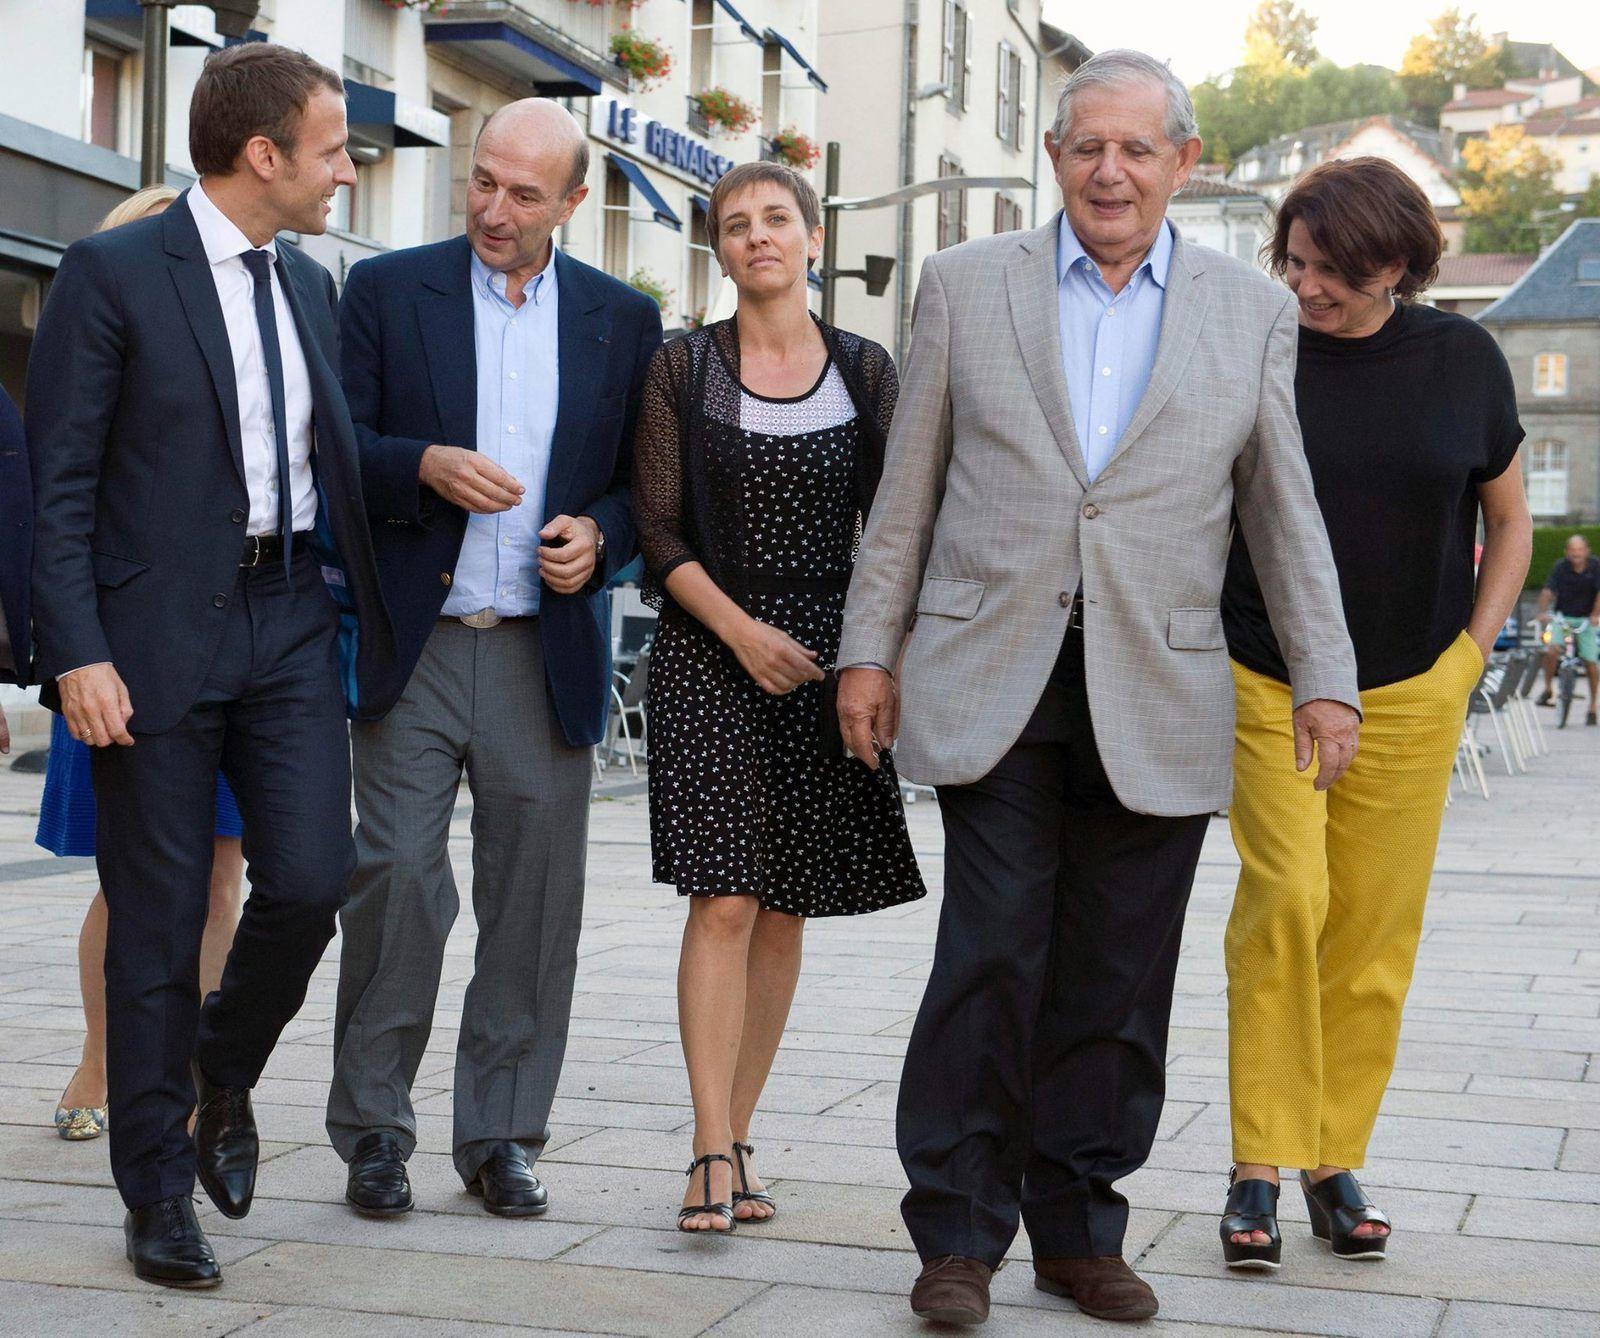 Législatives : 2 ème circonscription du Cantal, pour lutter contre les affirmations du quotidien régional